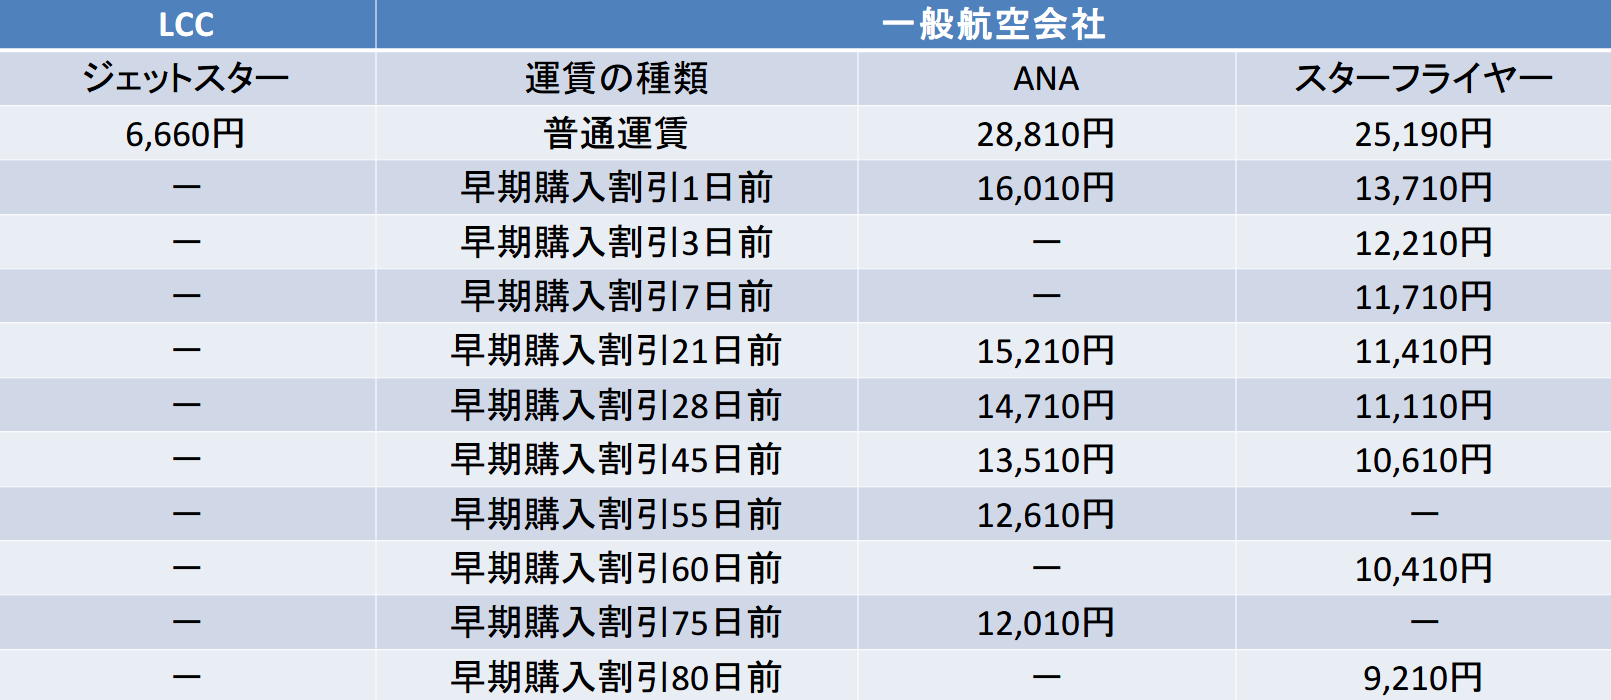 中部-福岡のLCC一般比較